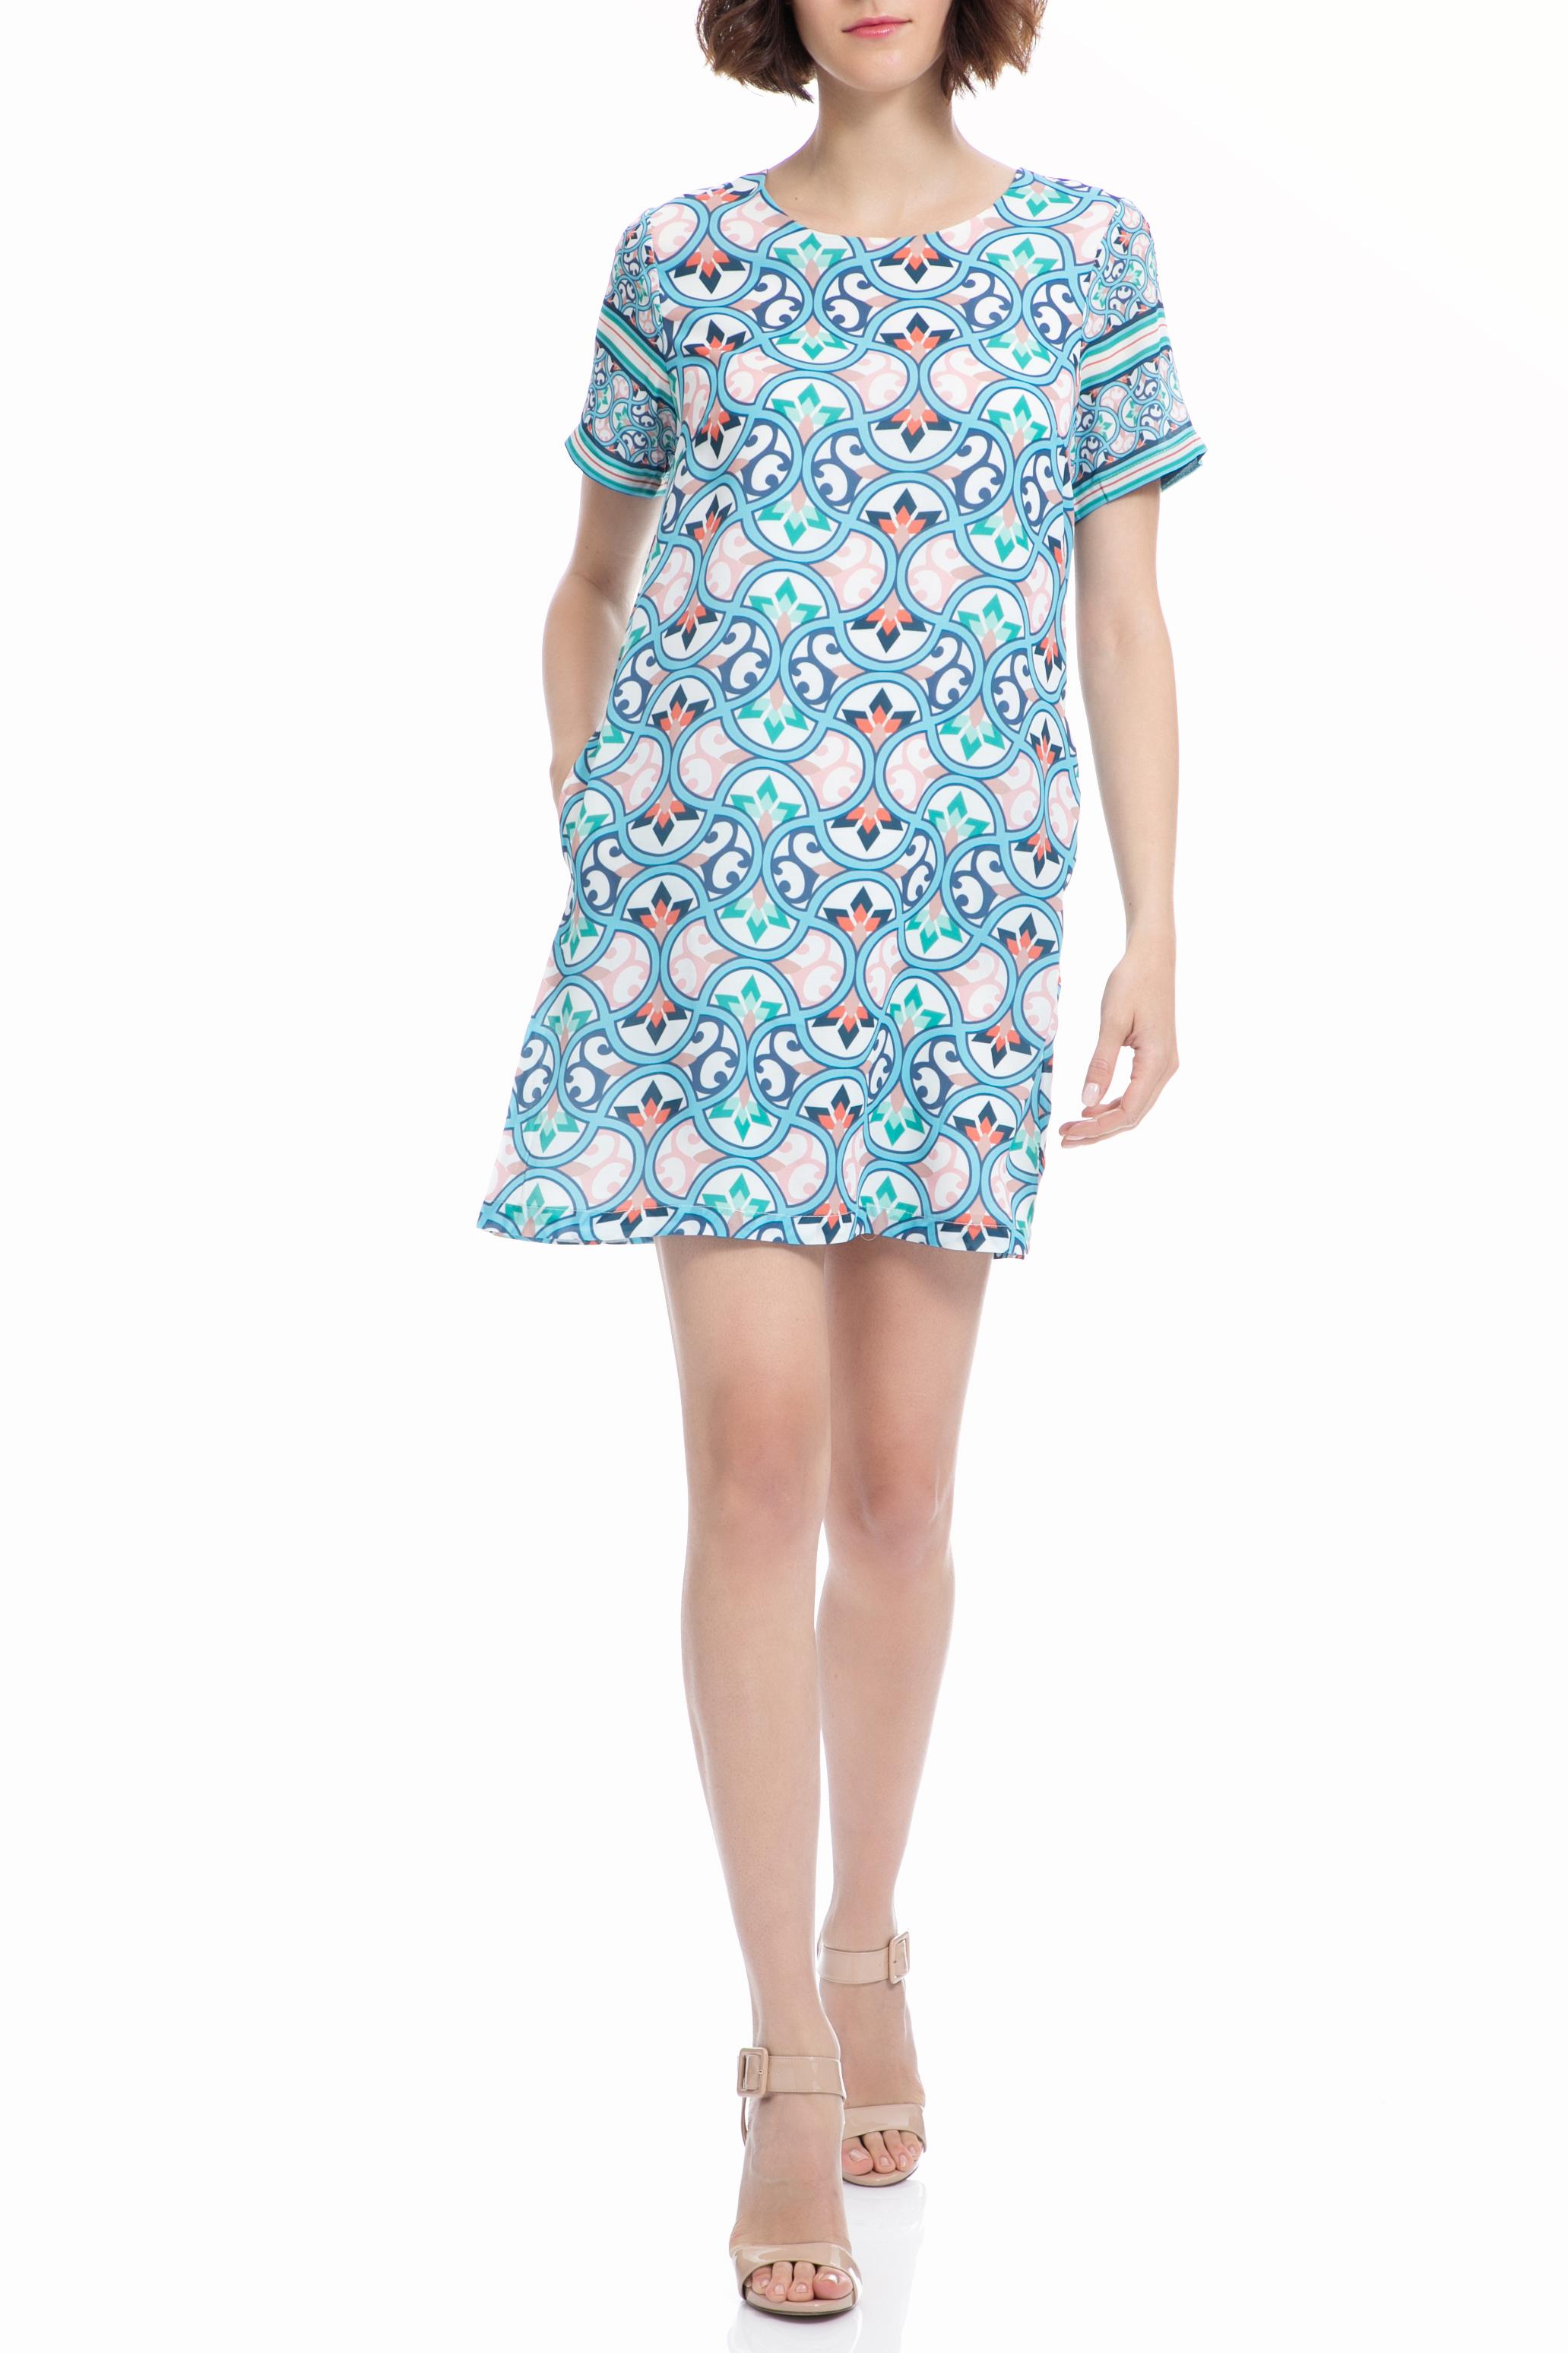 MOLLY BRACKEN - Φόρεμα MOLLY BRACKEN μπλε-λευκό γυναικεία ρούχα φορέματα μίνι